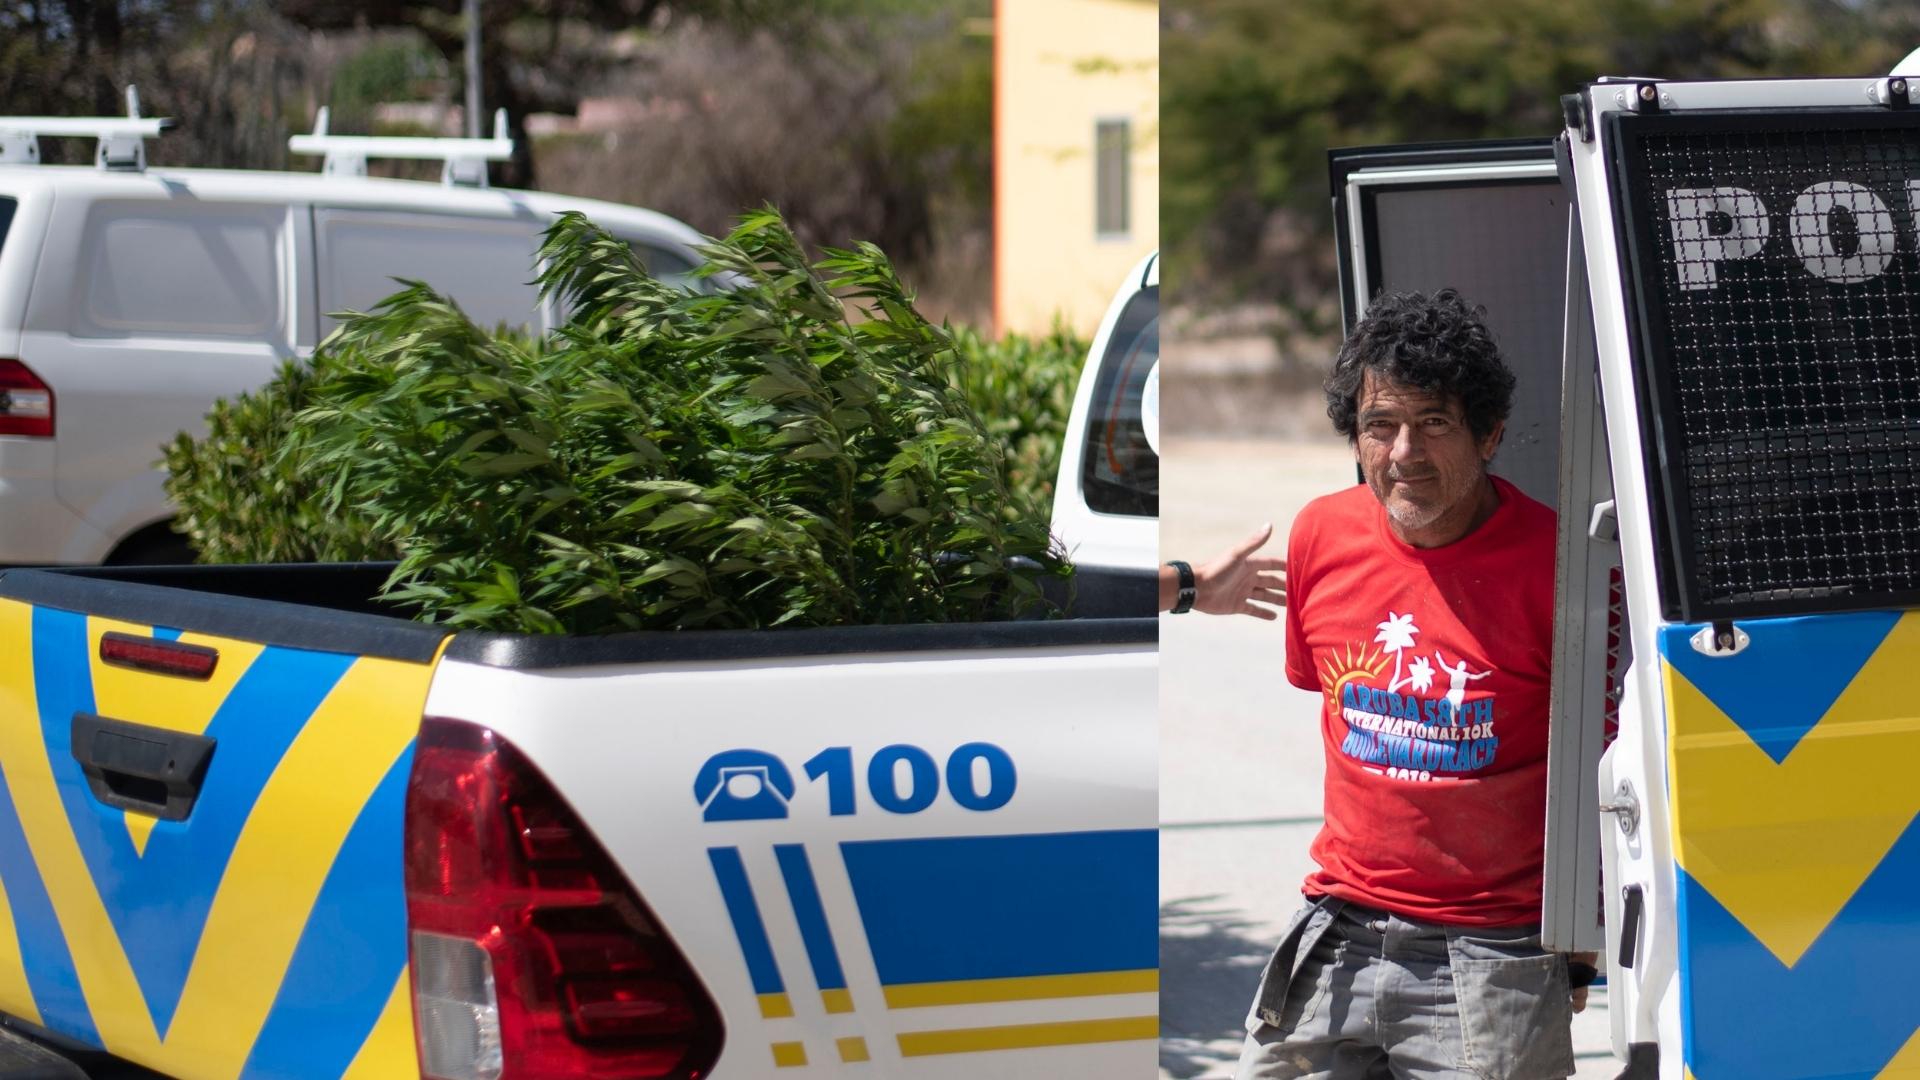 Deteni pa tin varios mata di marihuana